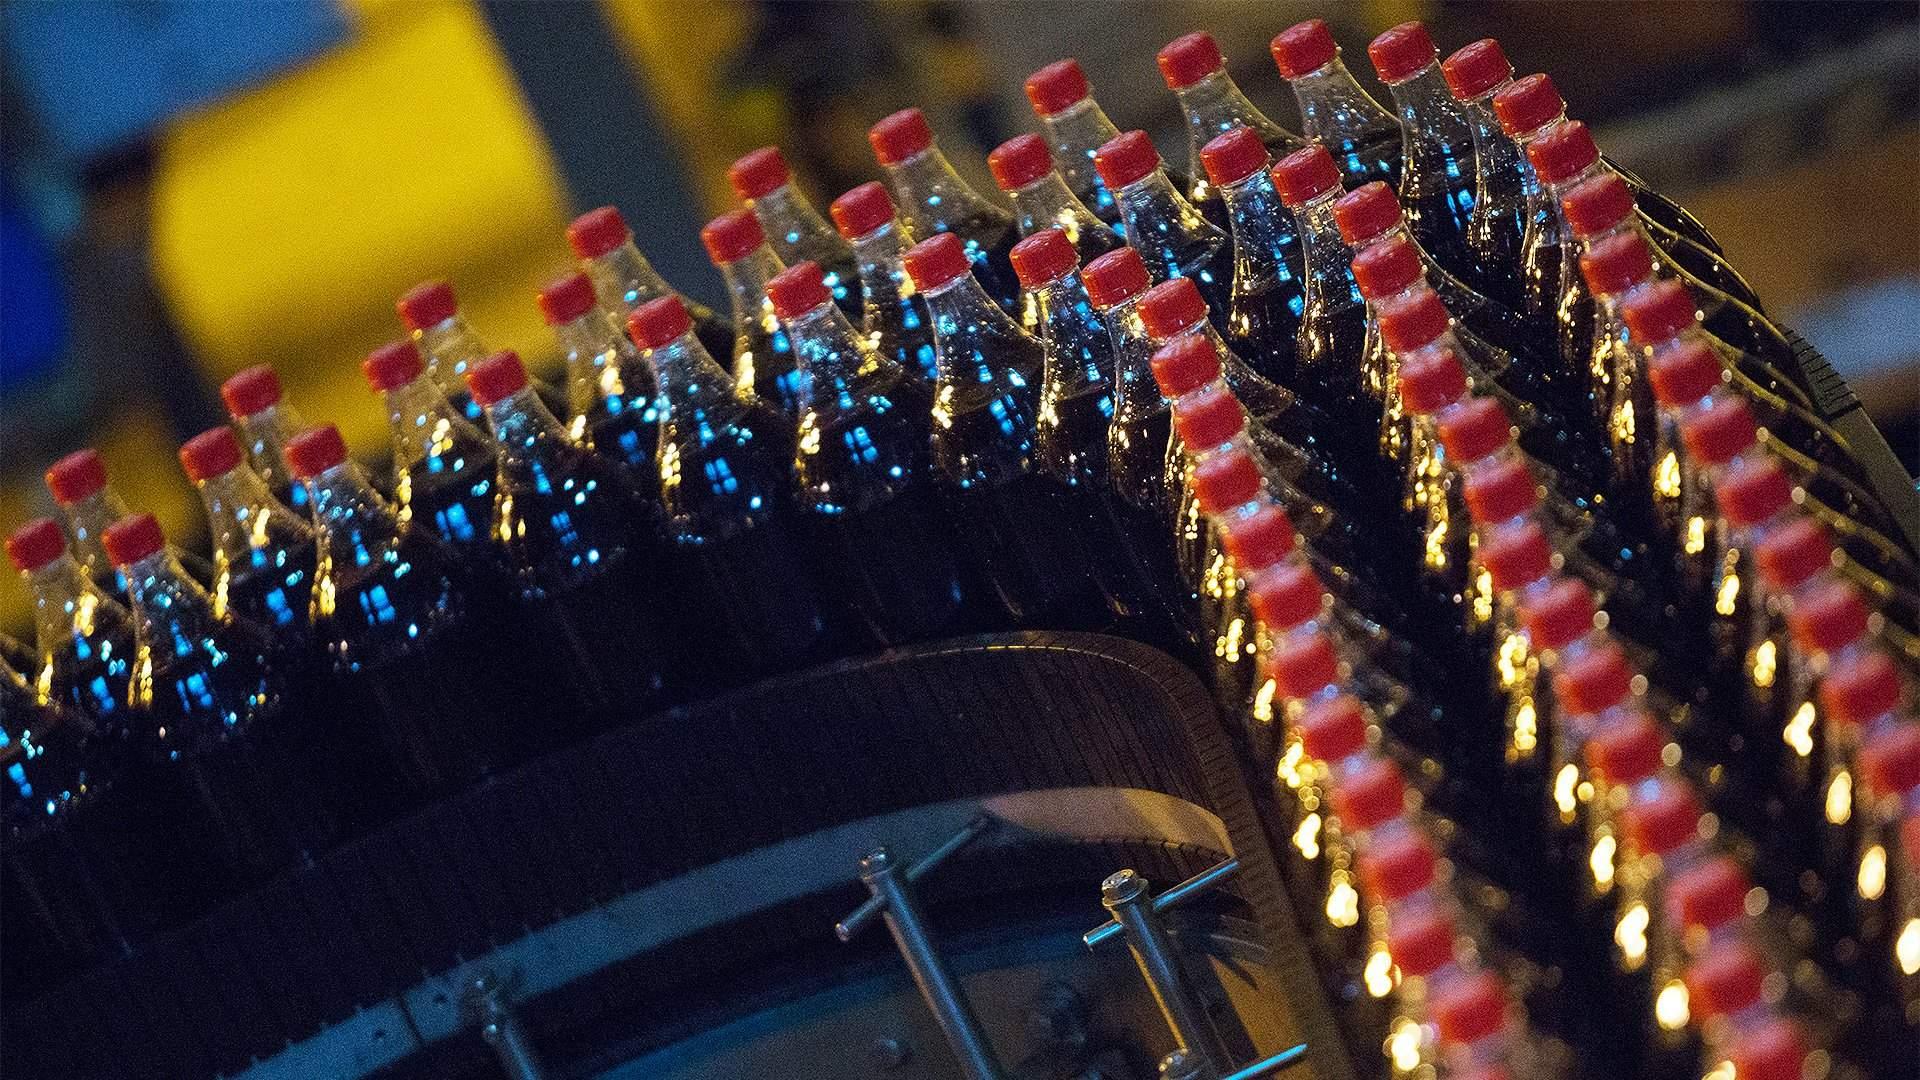 Энергетический минимум: тару для тонизирующих напитков хотят уменьшить    Статьи   Известия